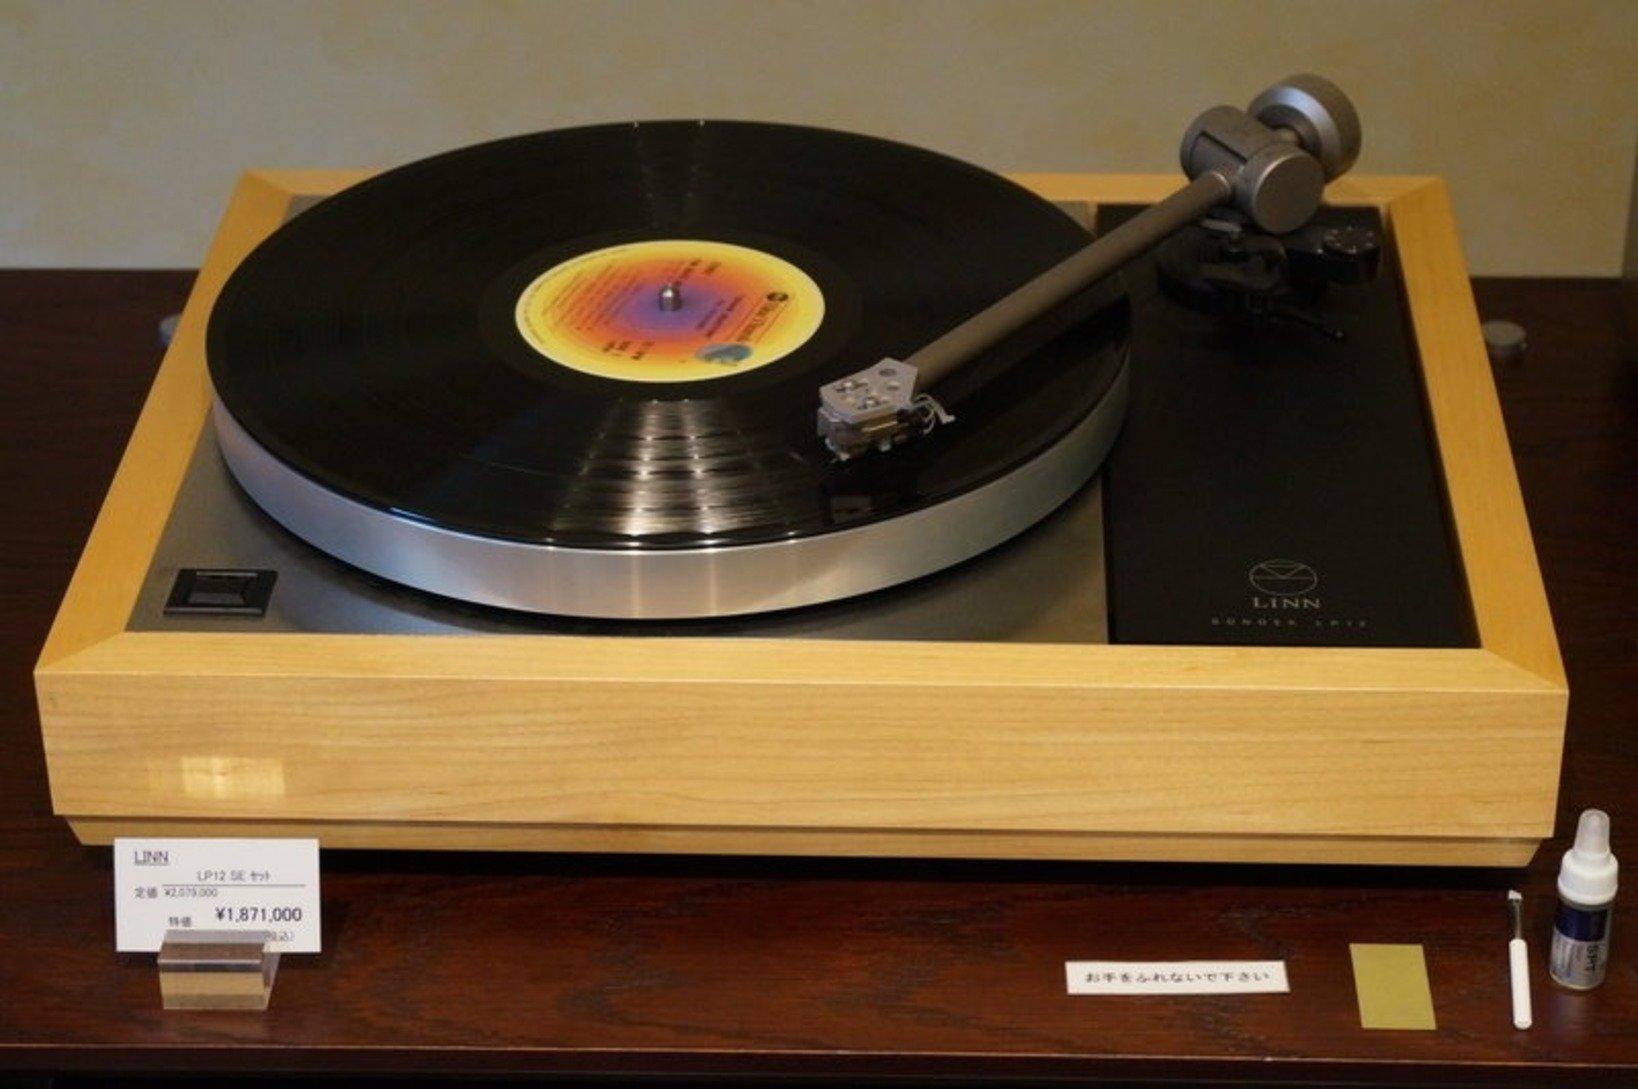 スコットランドのLINN社のレコードプレイヤー